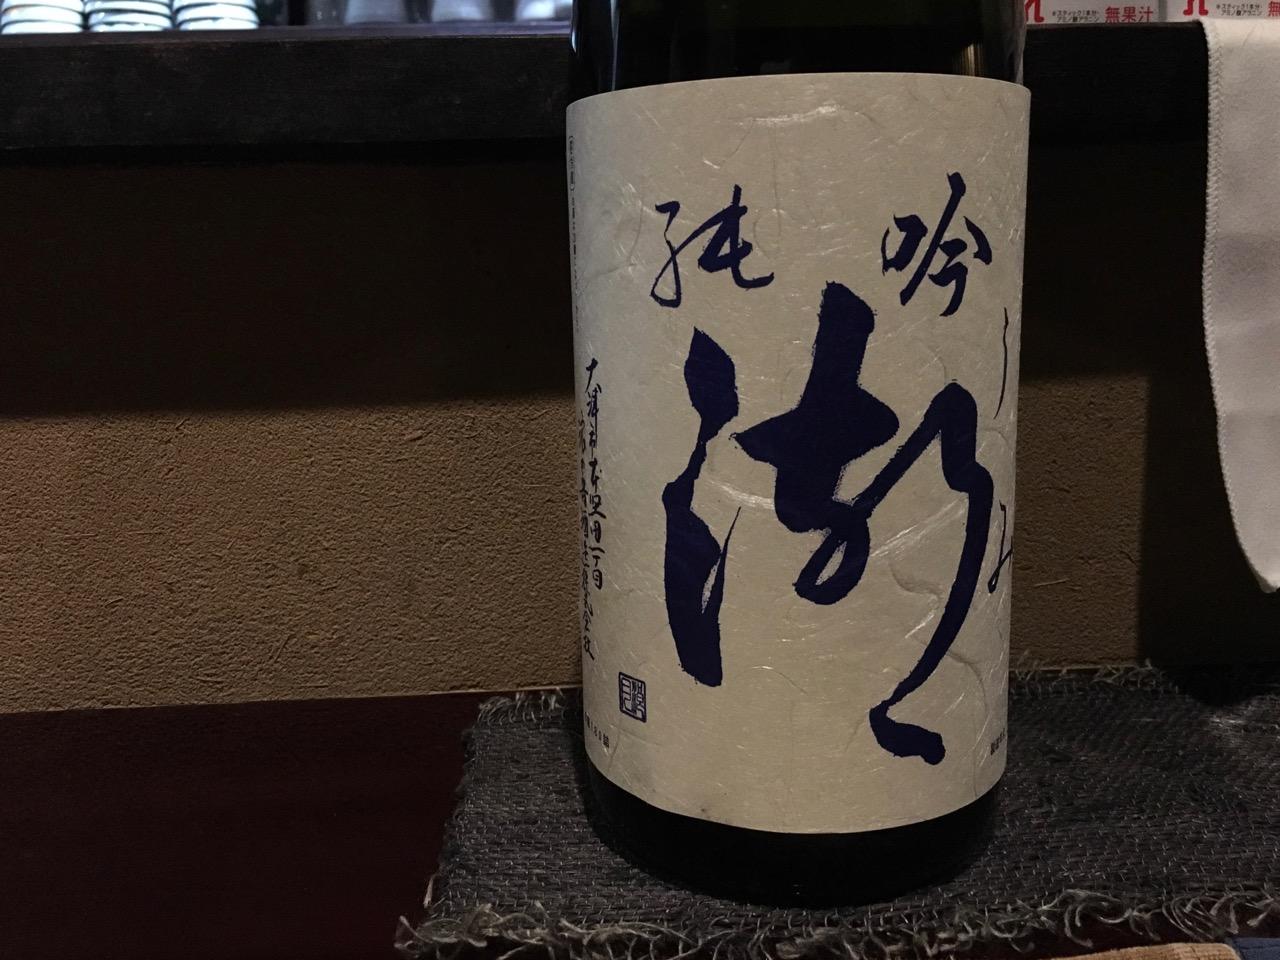 浪乃音「2017年 冬純米吟醸〈湖(うみ)〉」日本酒テイスティングノート